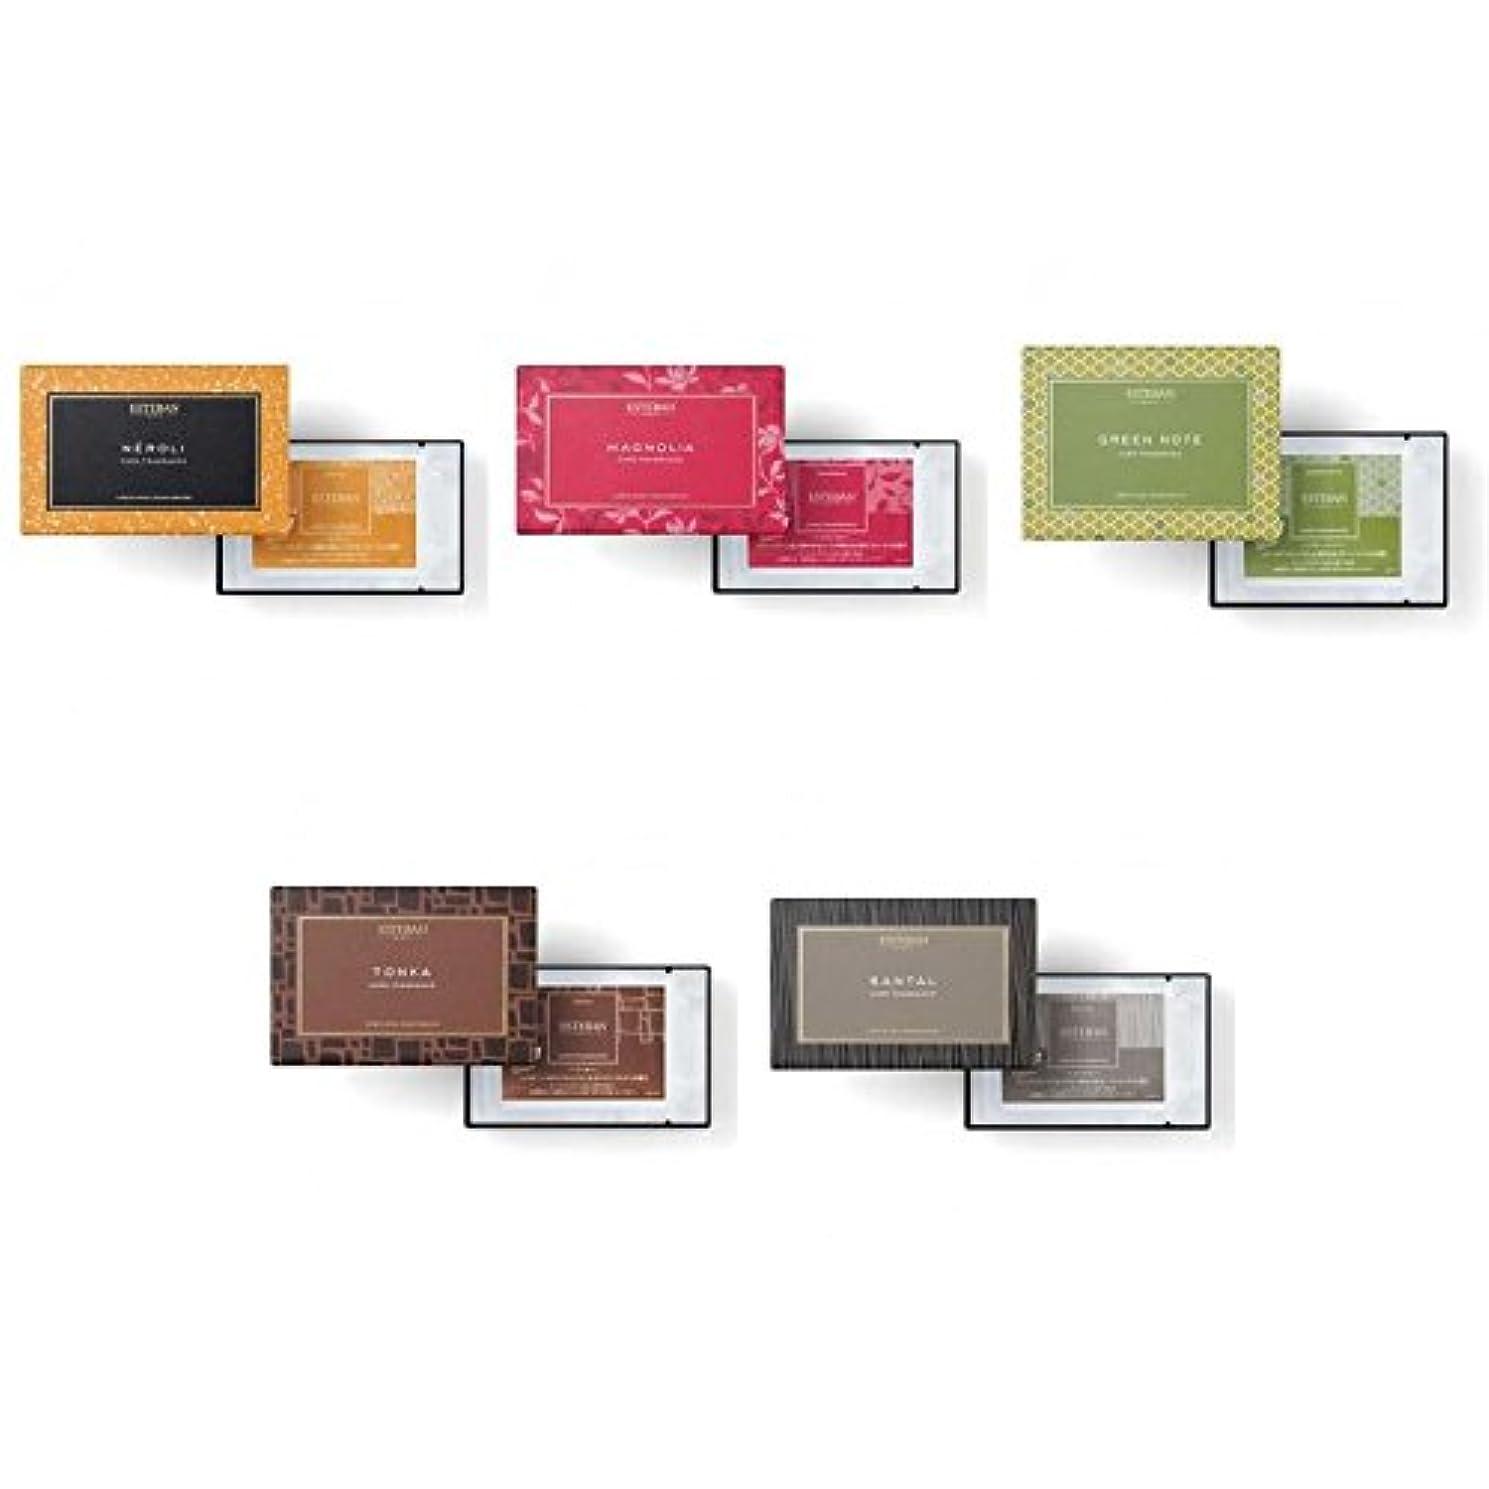 マウント一口タオルエステバン カードフレグランス 5種セット